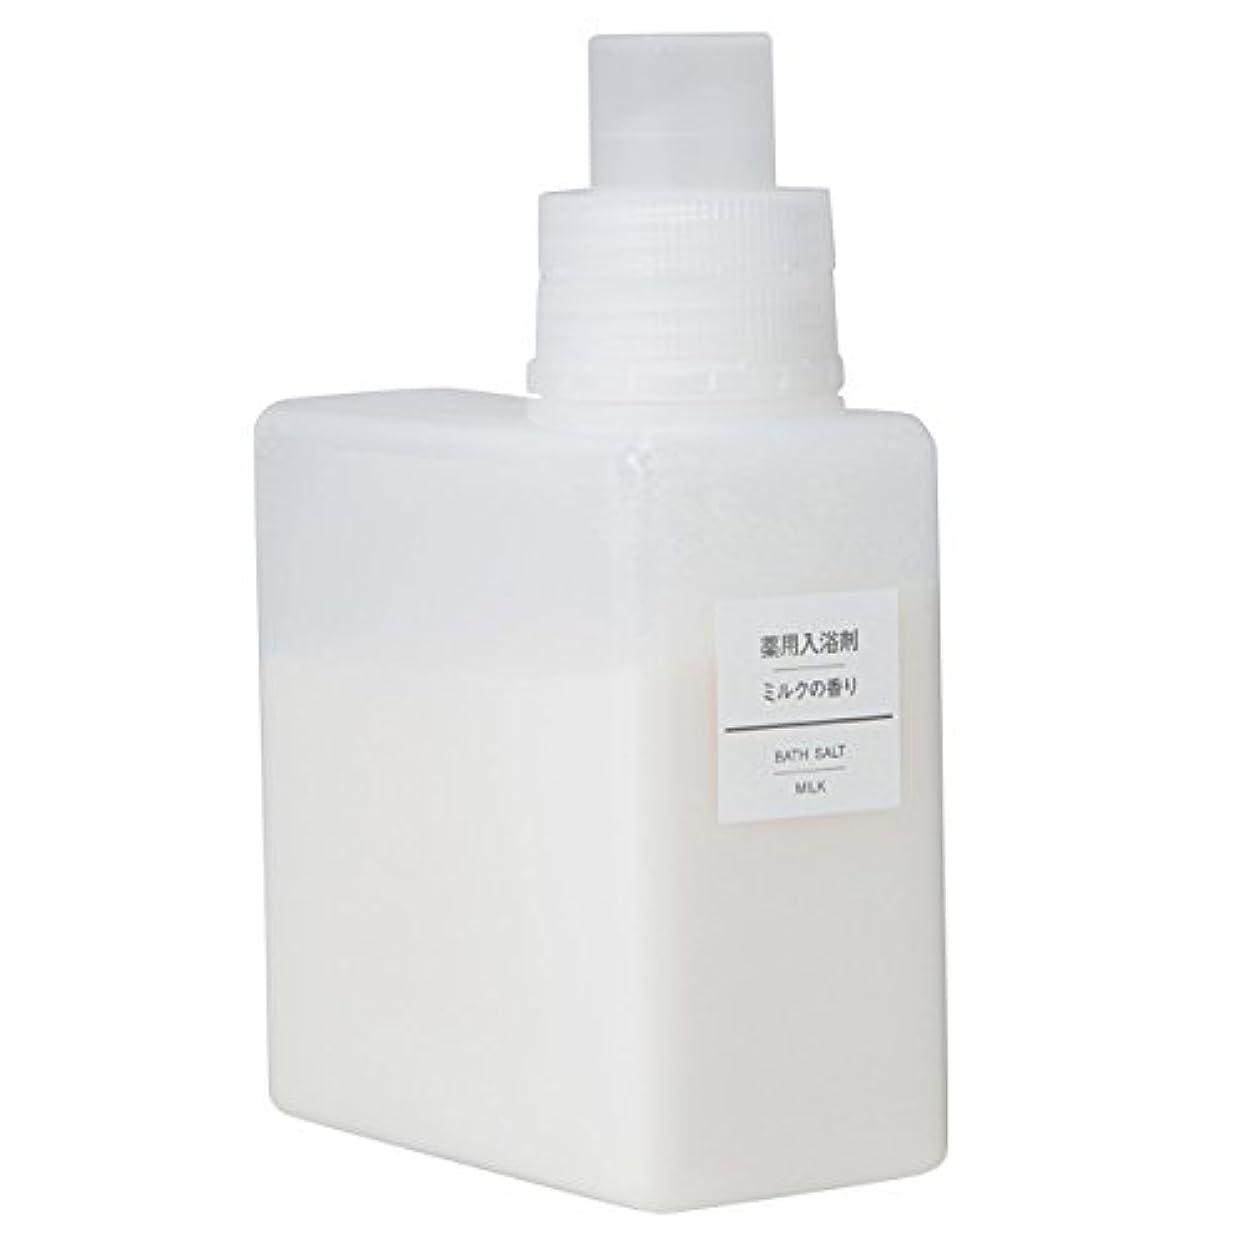 特別に間ある無印良品 薬用入浴剤?ミルクの香り (新)500g 日本製